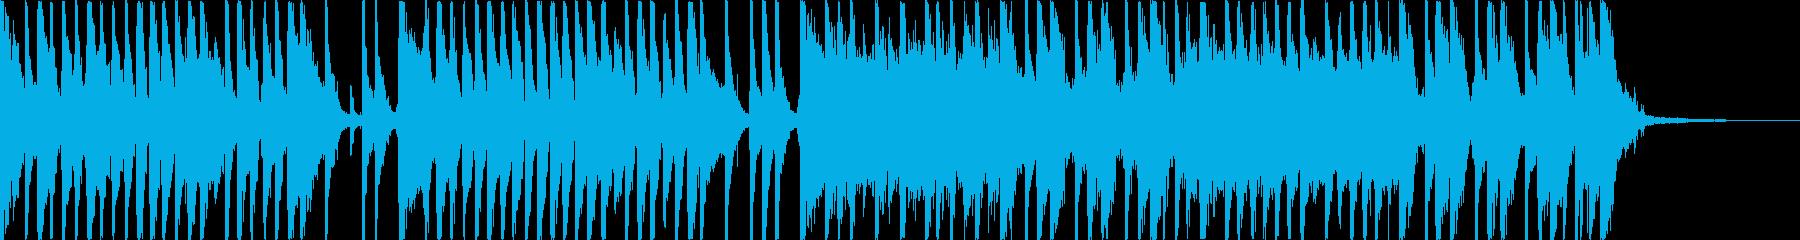 爽やかに流れるようなピアノポップの再生済みの波形